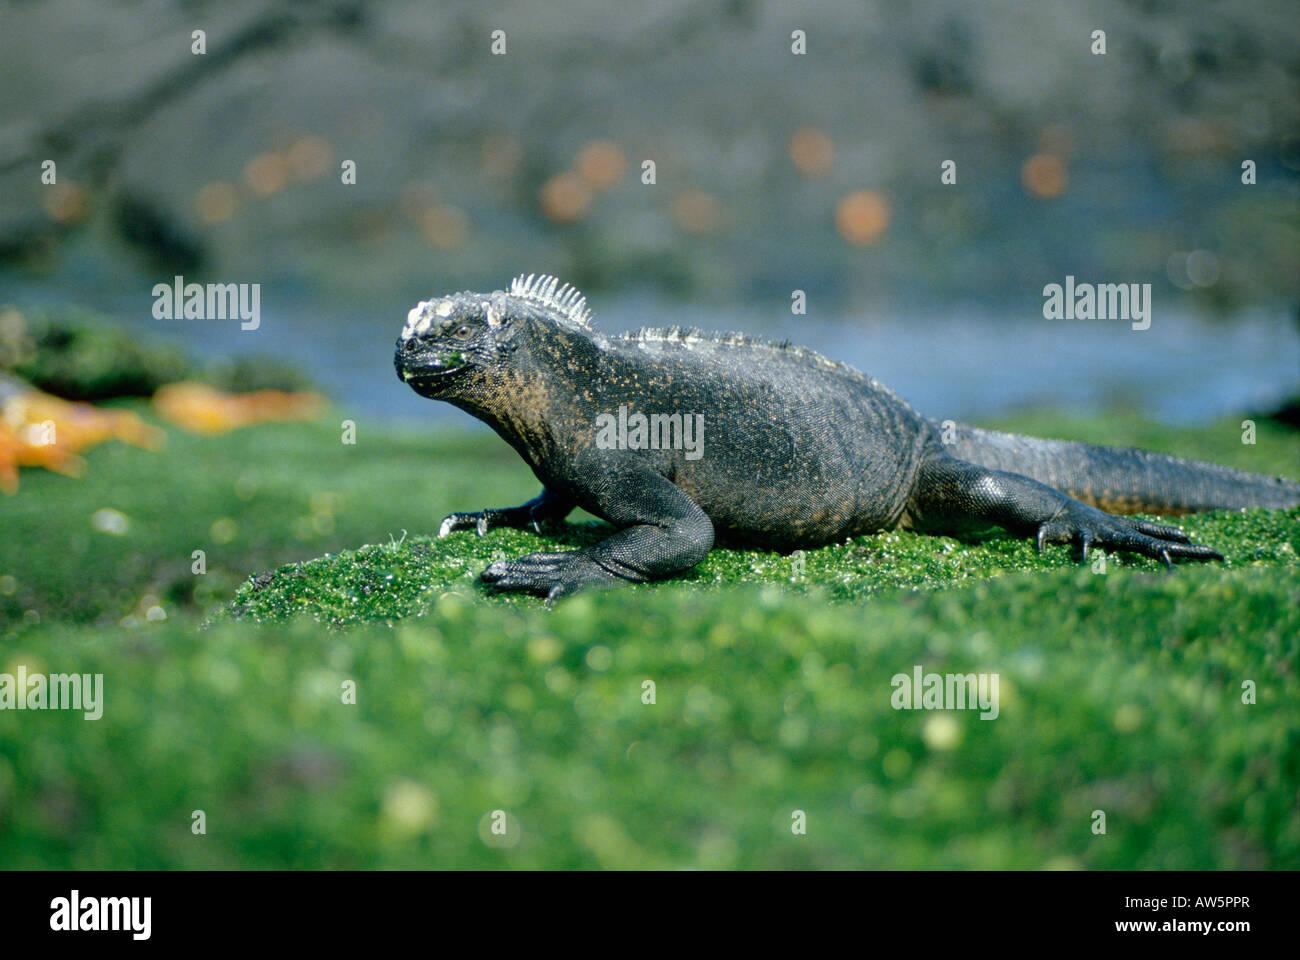 beschaulicher Marin Meerechse Marine Iguana Amblyrhynchus Cristatus Tiere porträtiert endemisch Endemisch Galapagos Stockbild